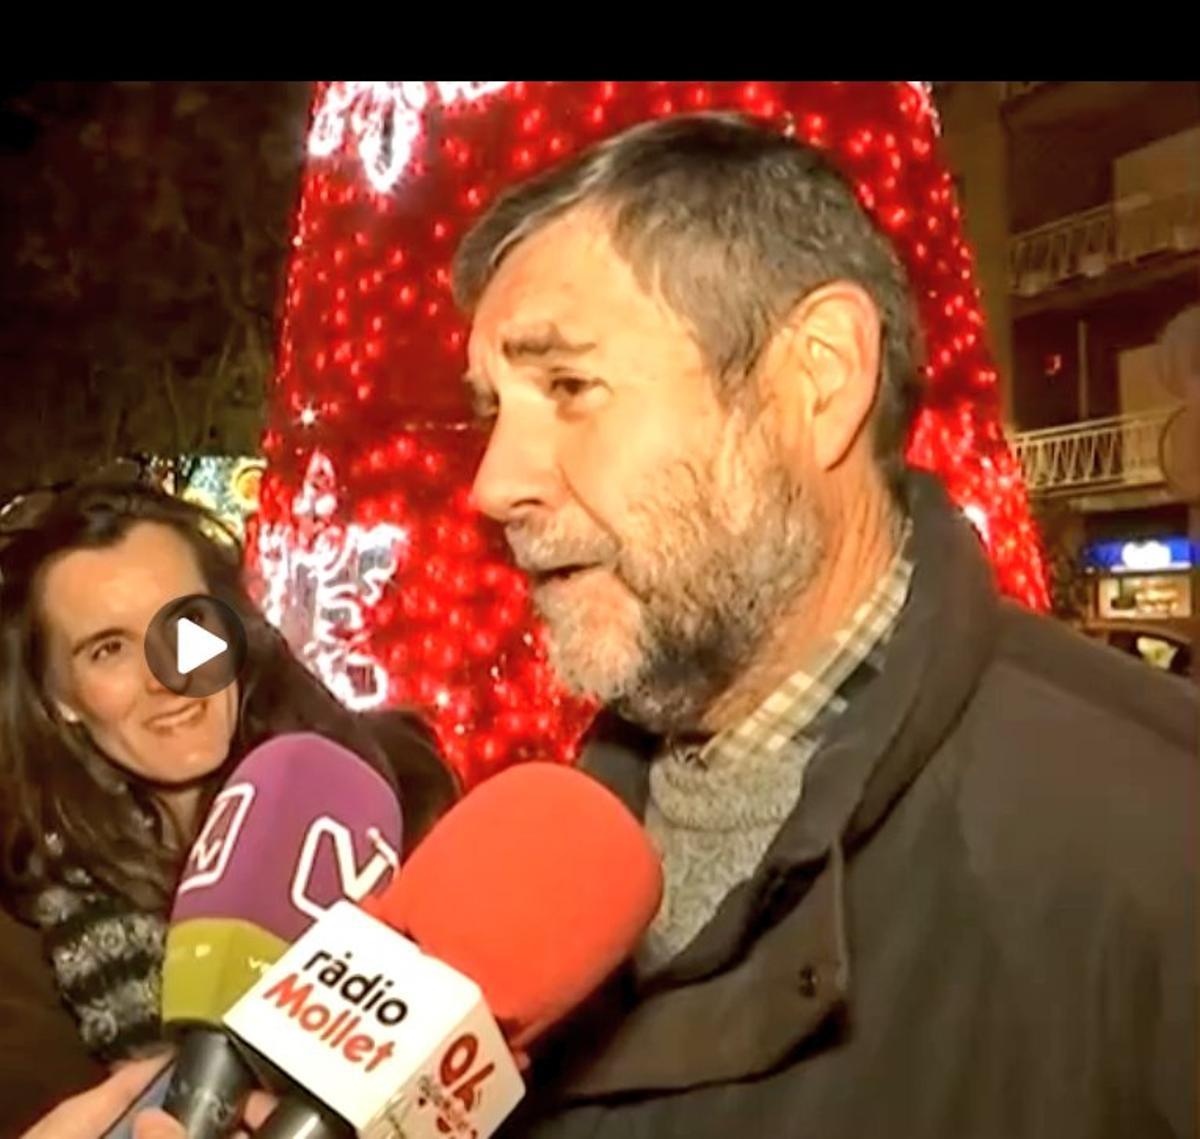 El nuevo Síndic Persones de Mollet del Vallès, el farmacéutico Salvador Rovirosa.